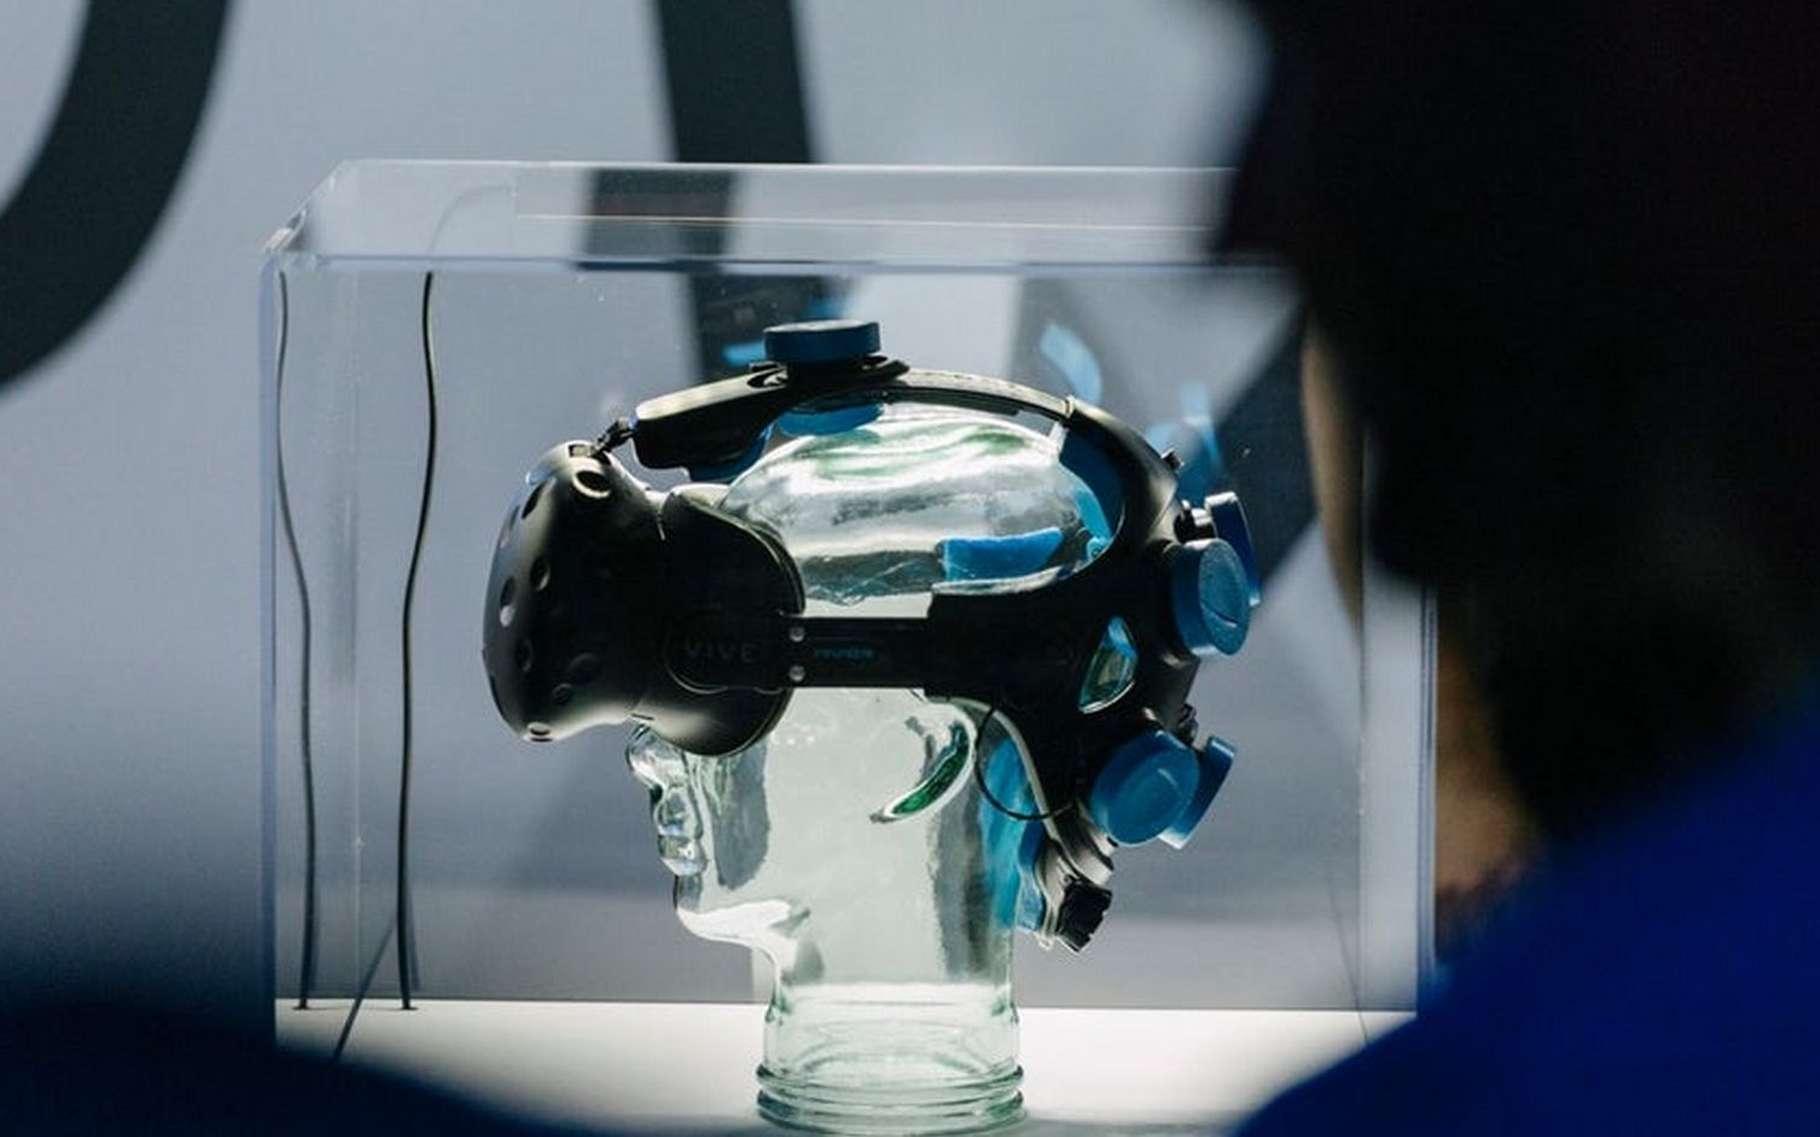 Neurable a modifié un casque de réalité virtuelle HTC Vive pour y ajouter sept électrodes. Le système peut être adapté à d'autres modèles précise l'entreprise. © Neurable